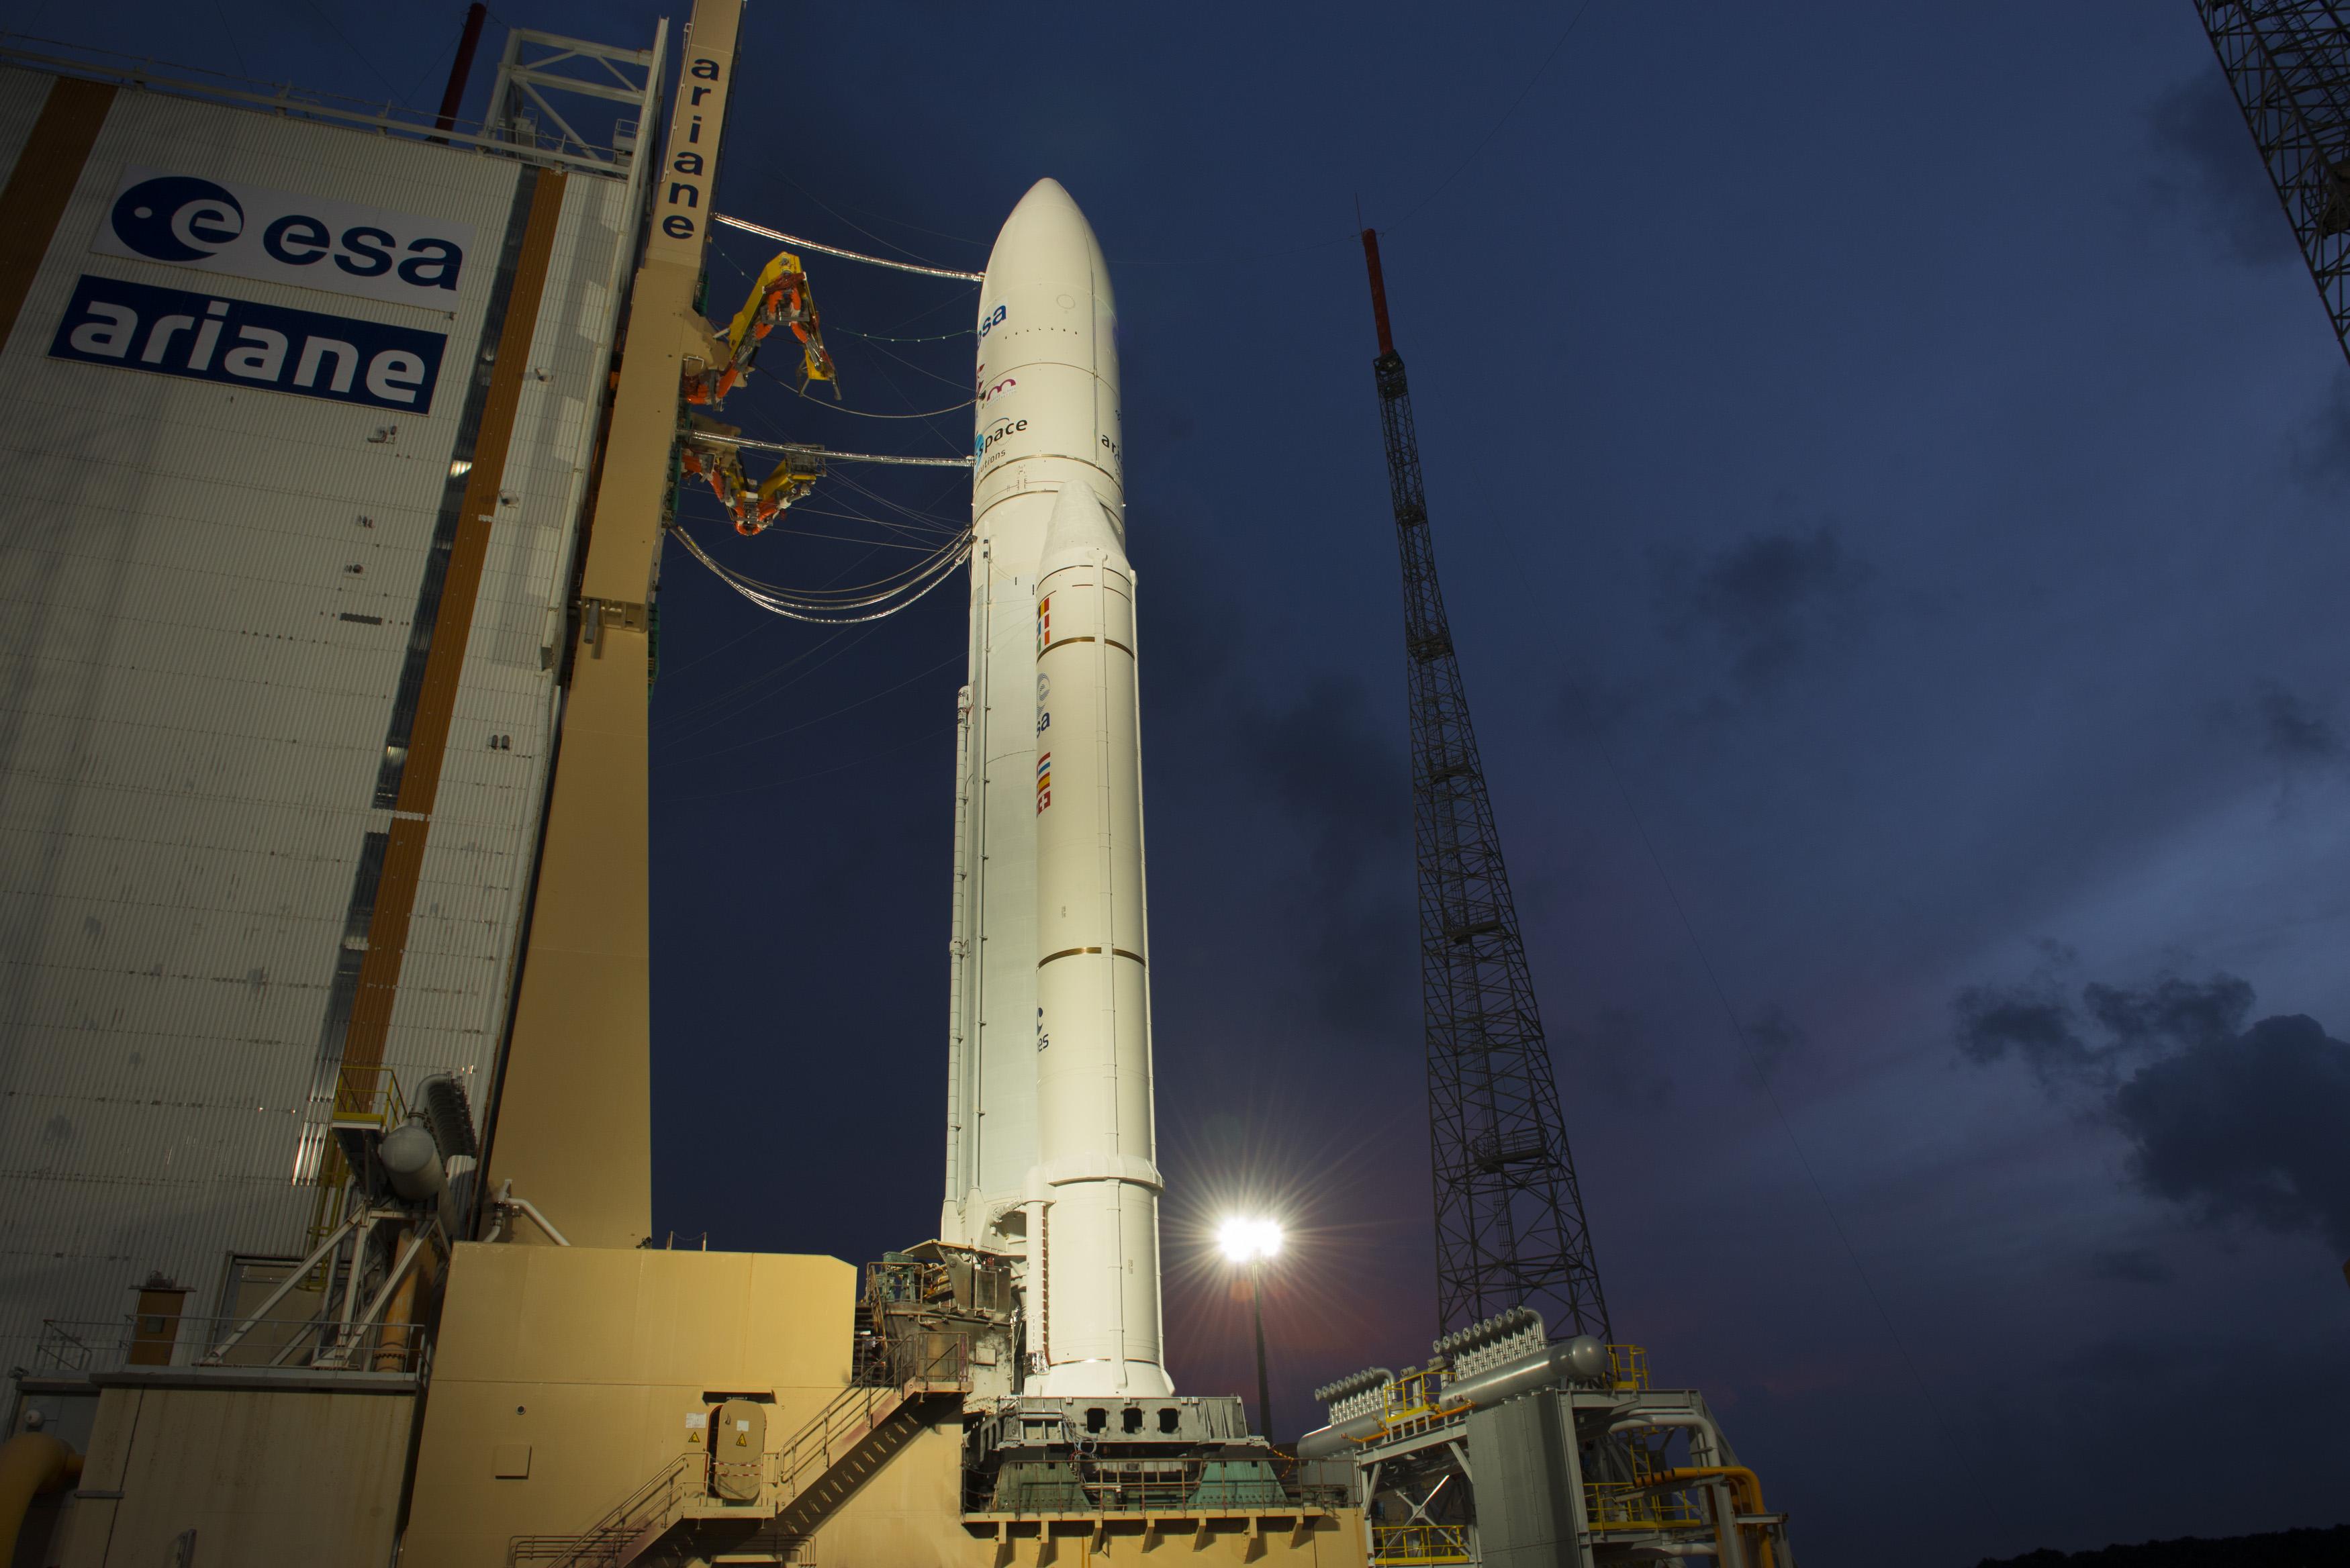 Ariane 5 Illuminated at Launch Pad